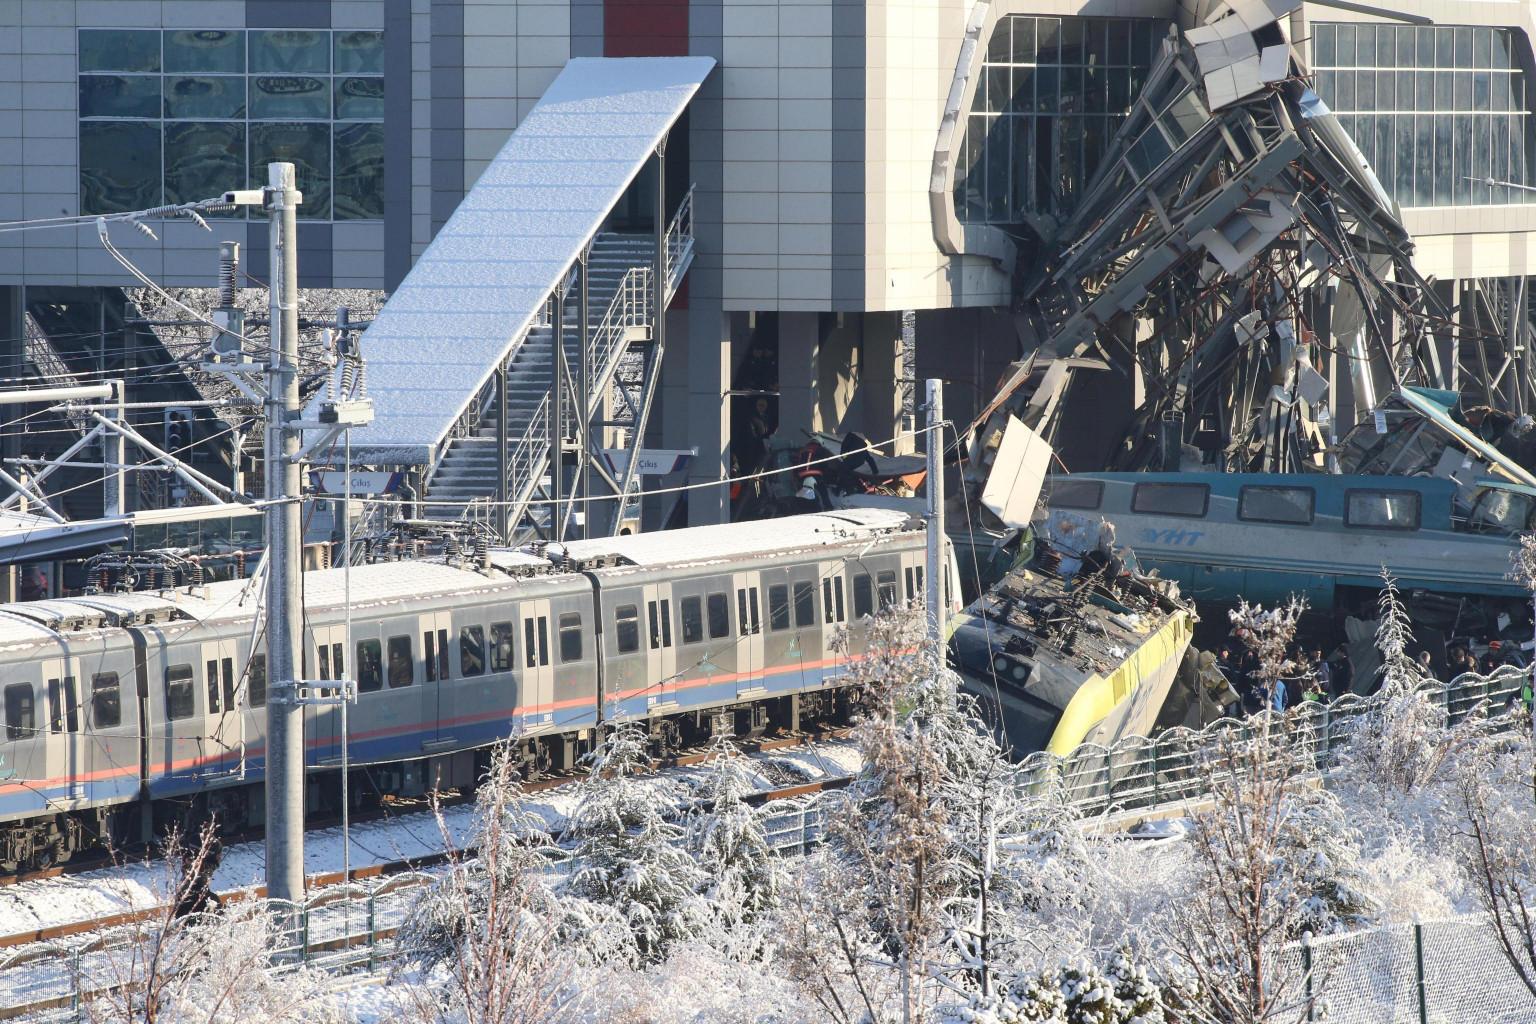 Incidente ferroviario in Turchia  7 morti e 46 feriti, tre in gravi ... 2377c0e8a2